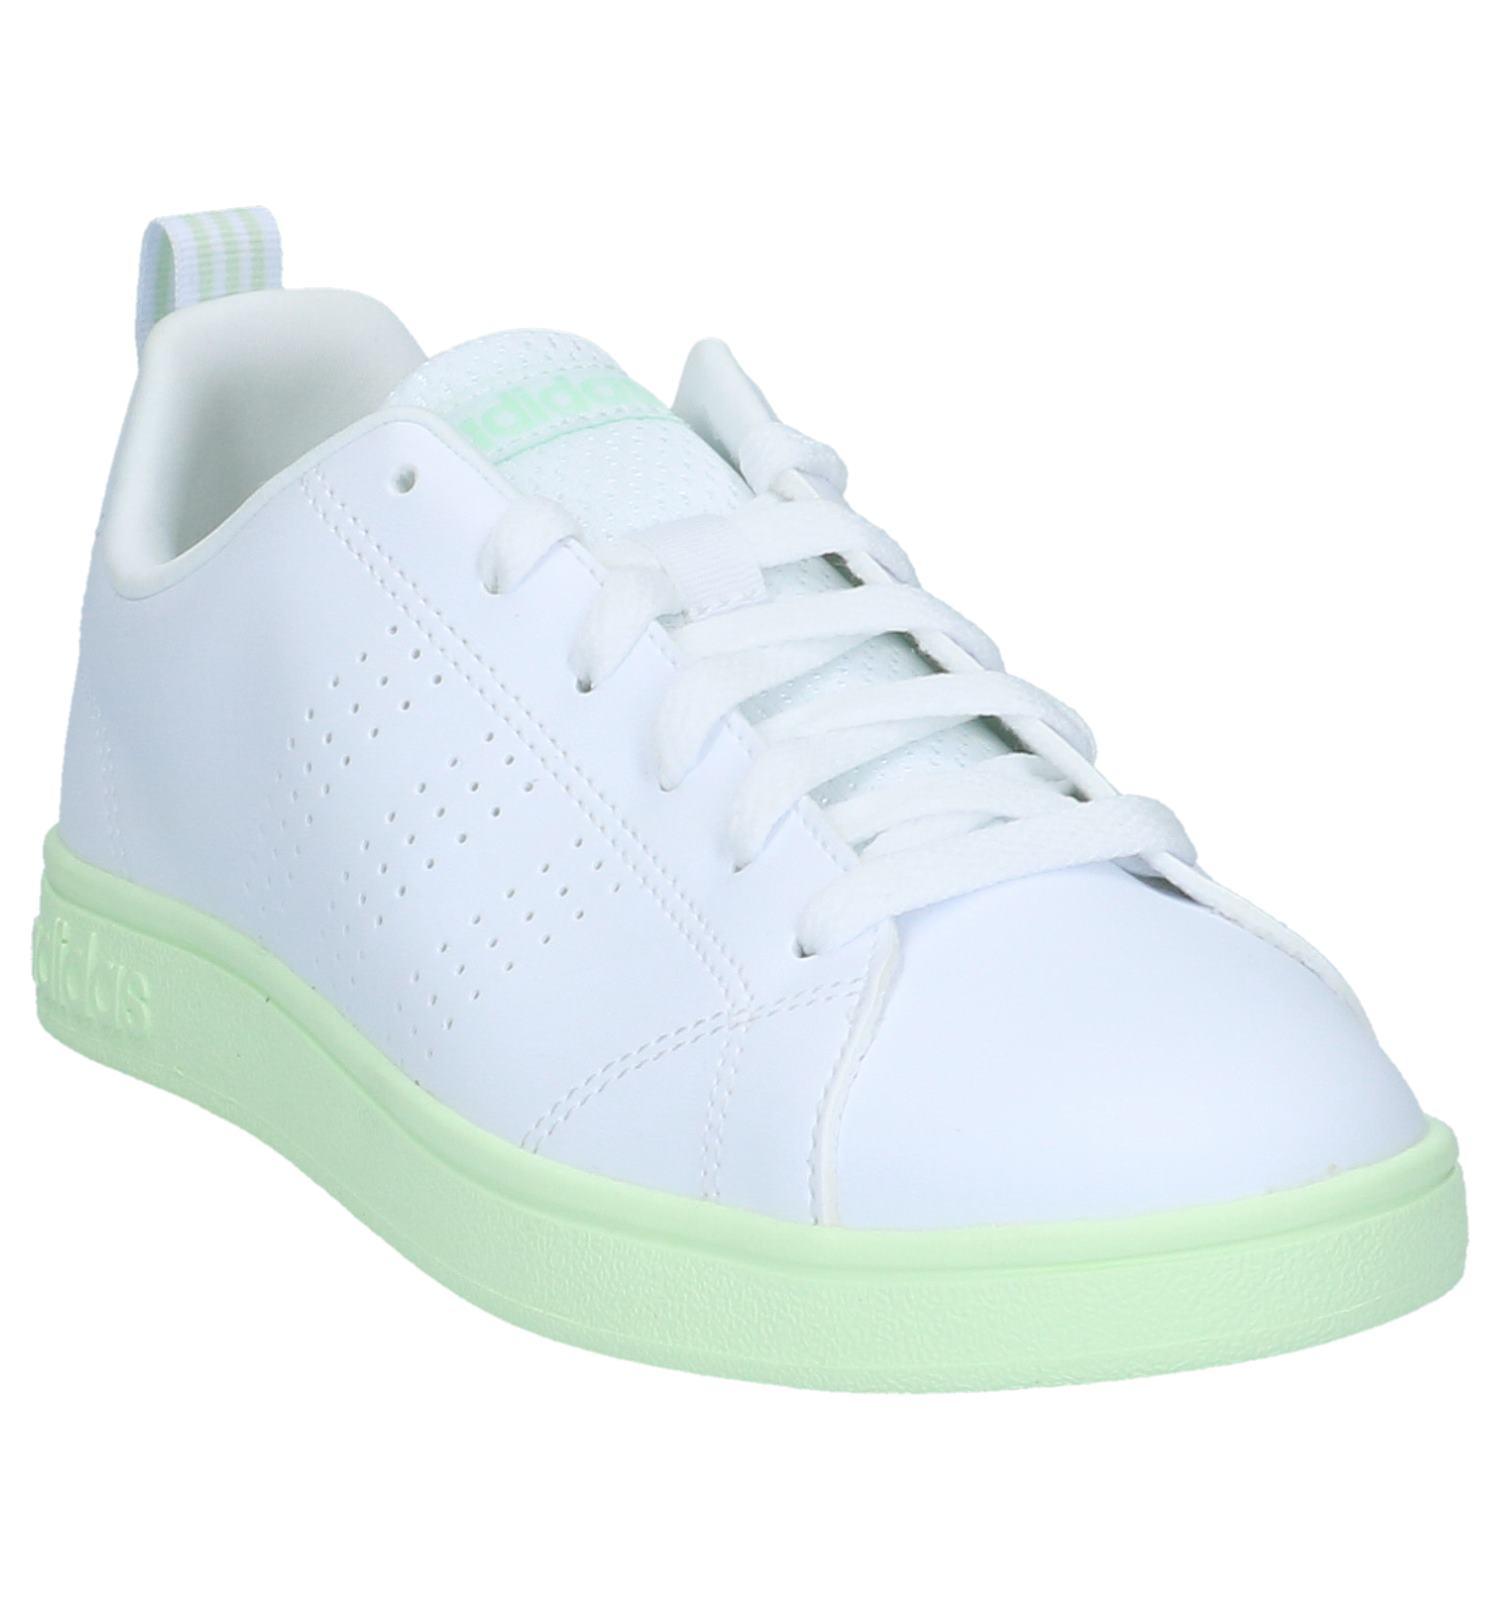 adidas babyschoenen groen